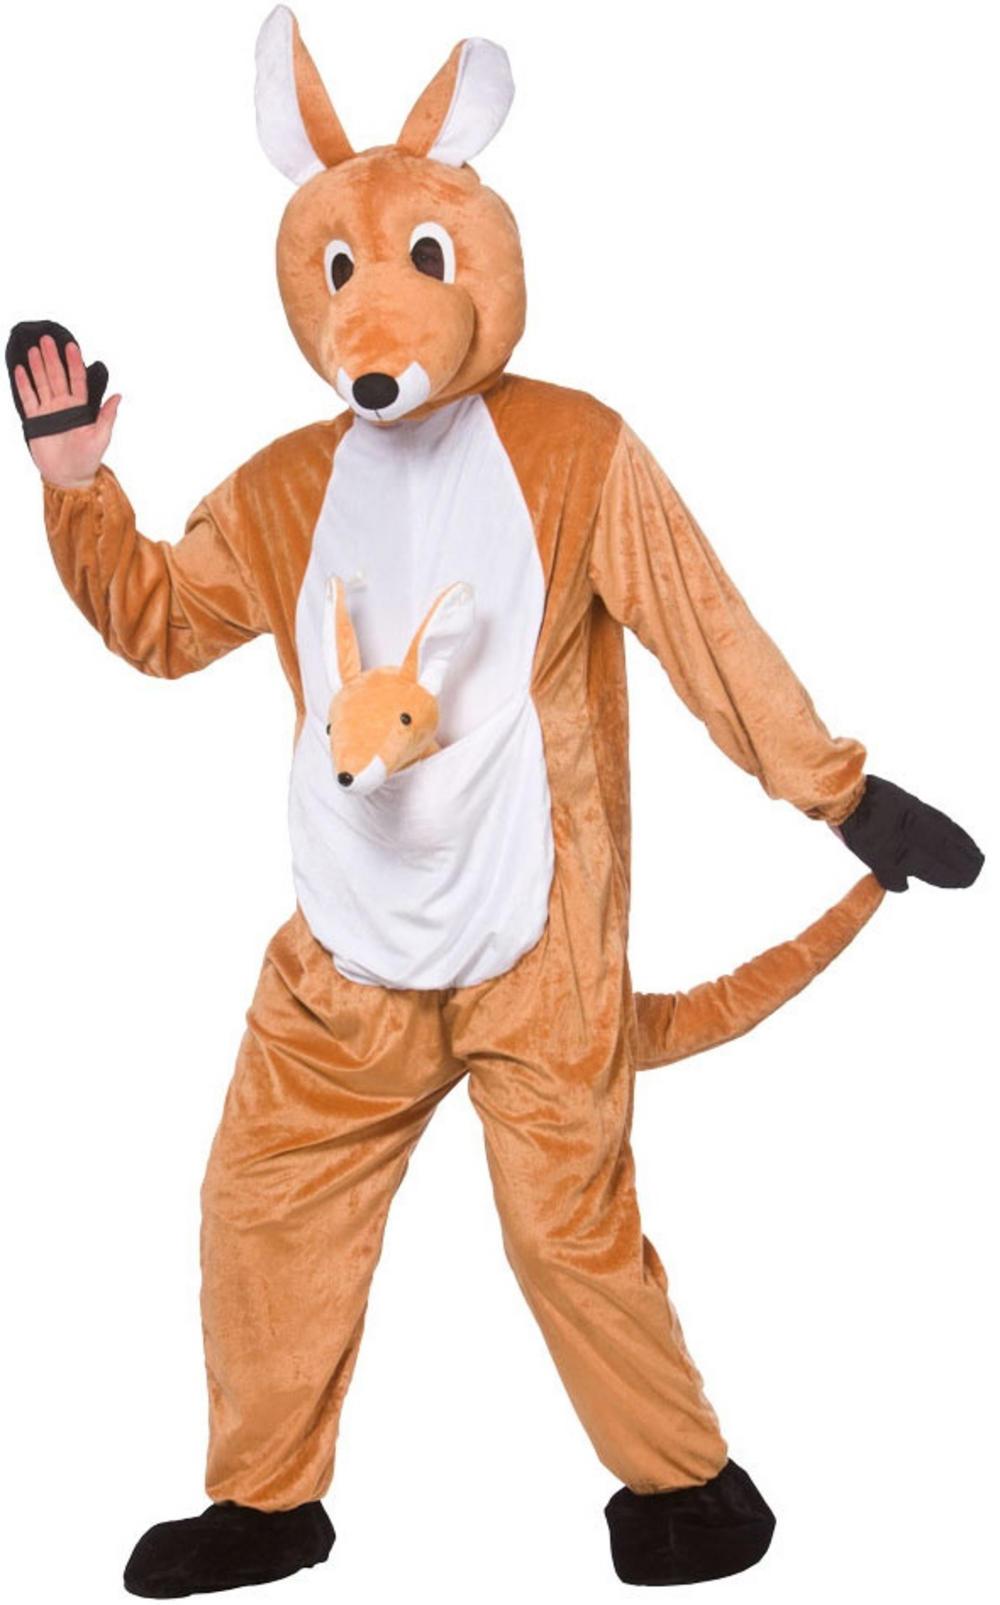 Kangaroo Mascot Costume